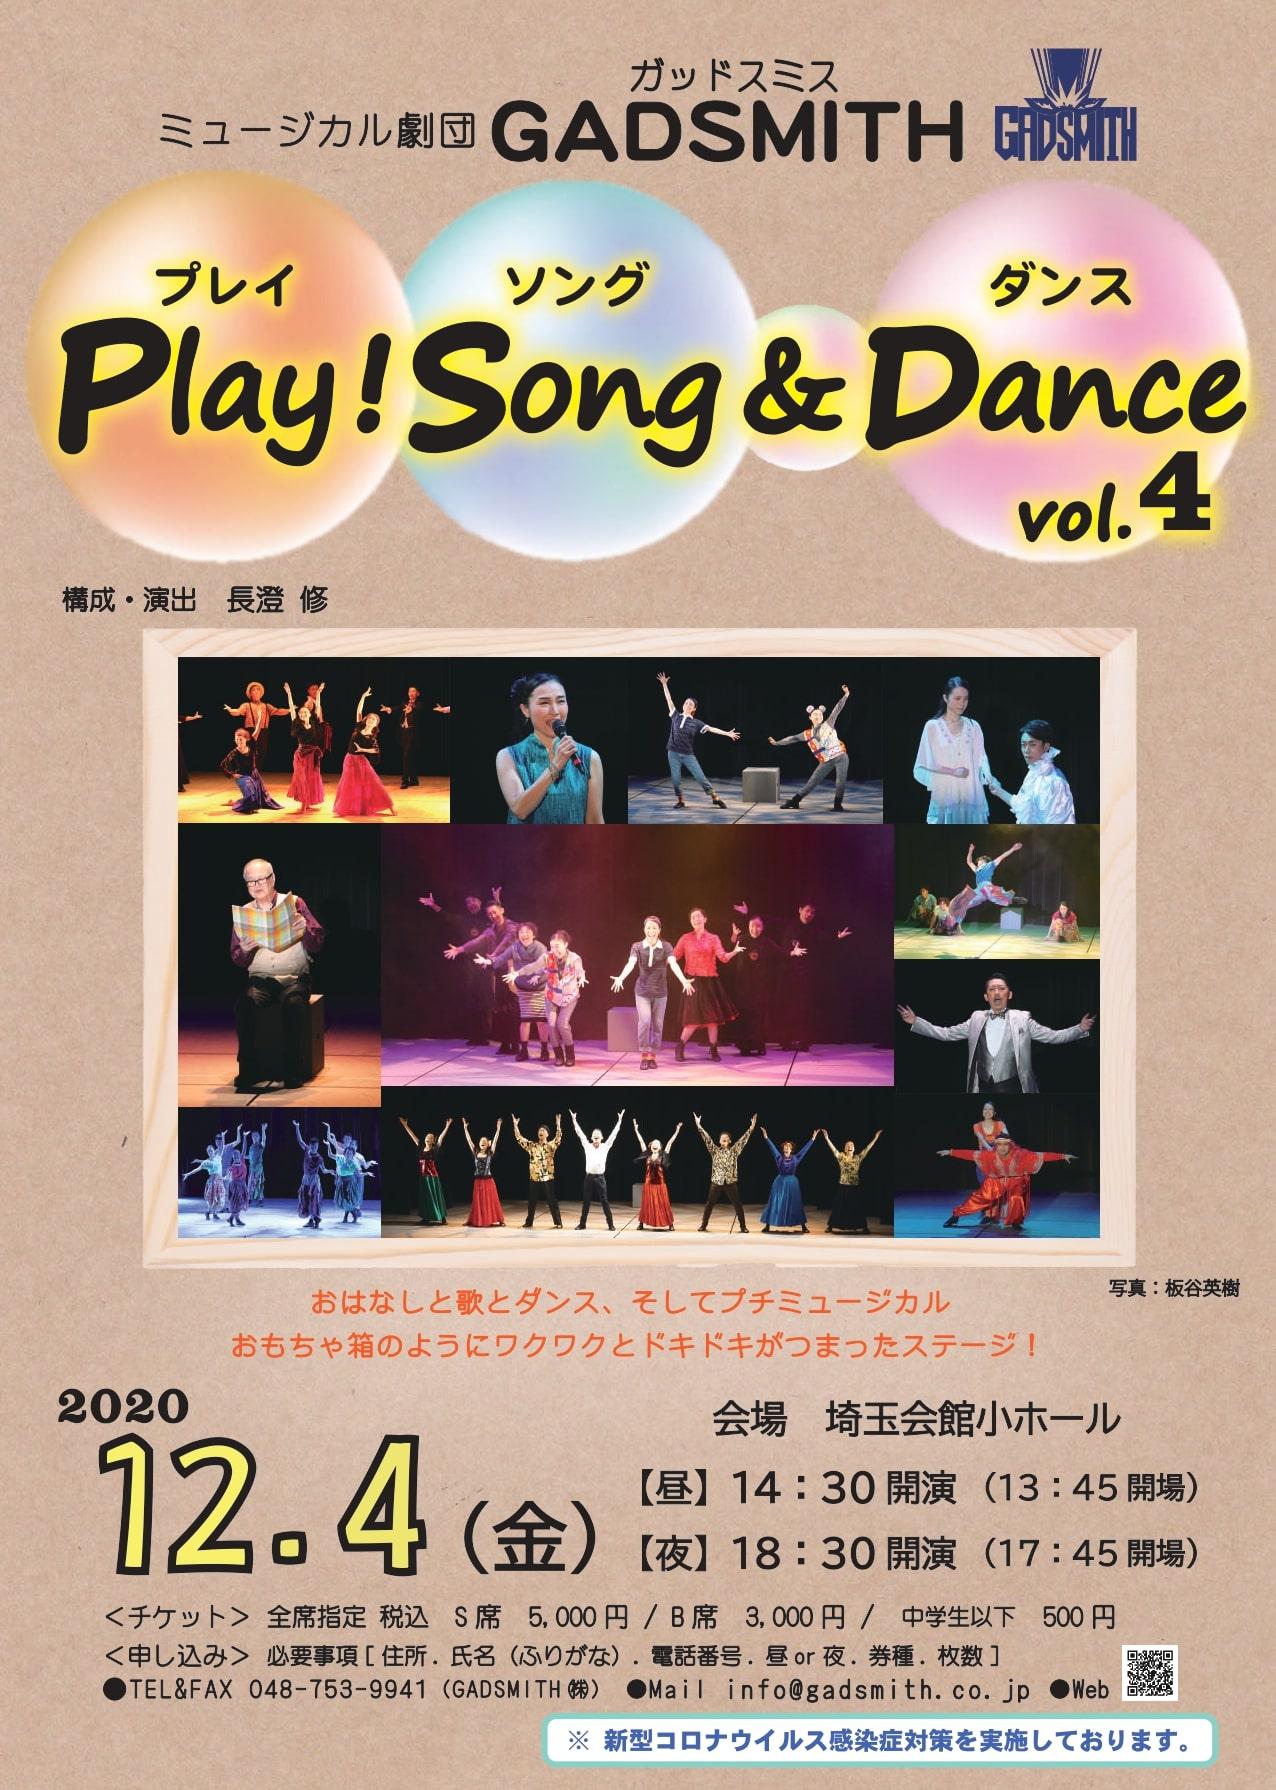 ミュージカル劇団GADSMITH 「Play!Song&Dance vol.4」